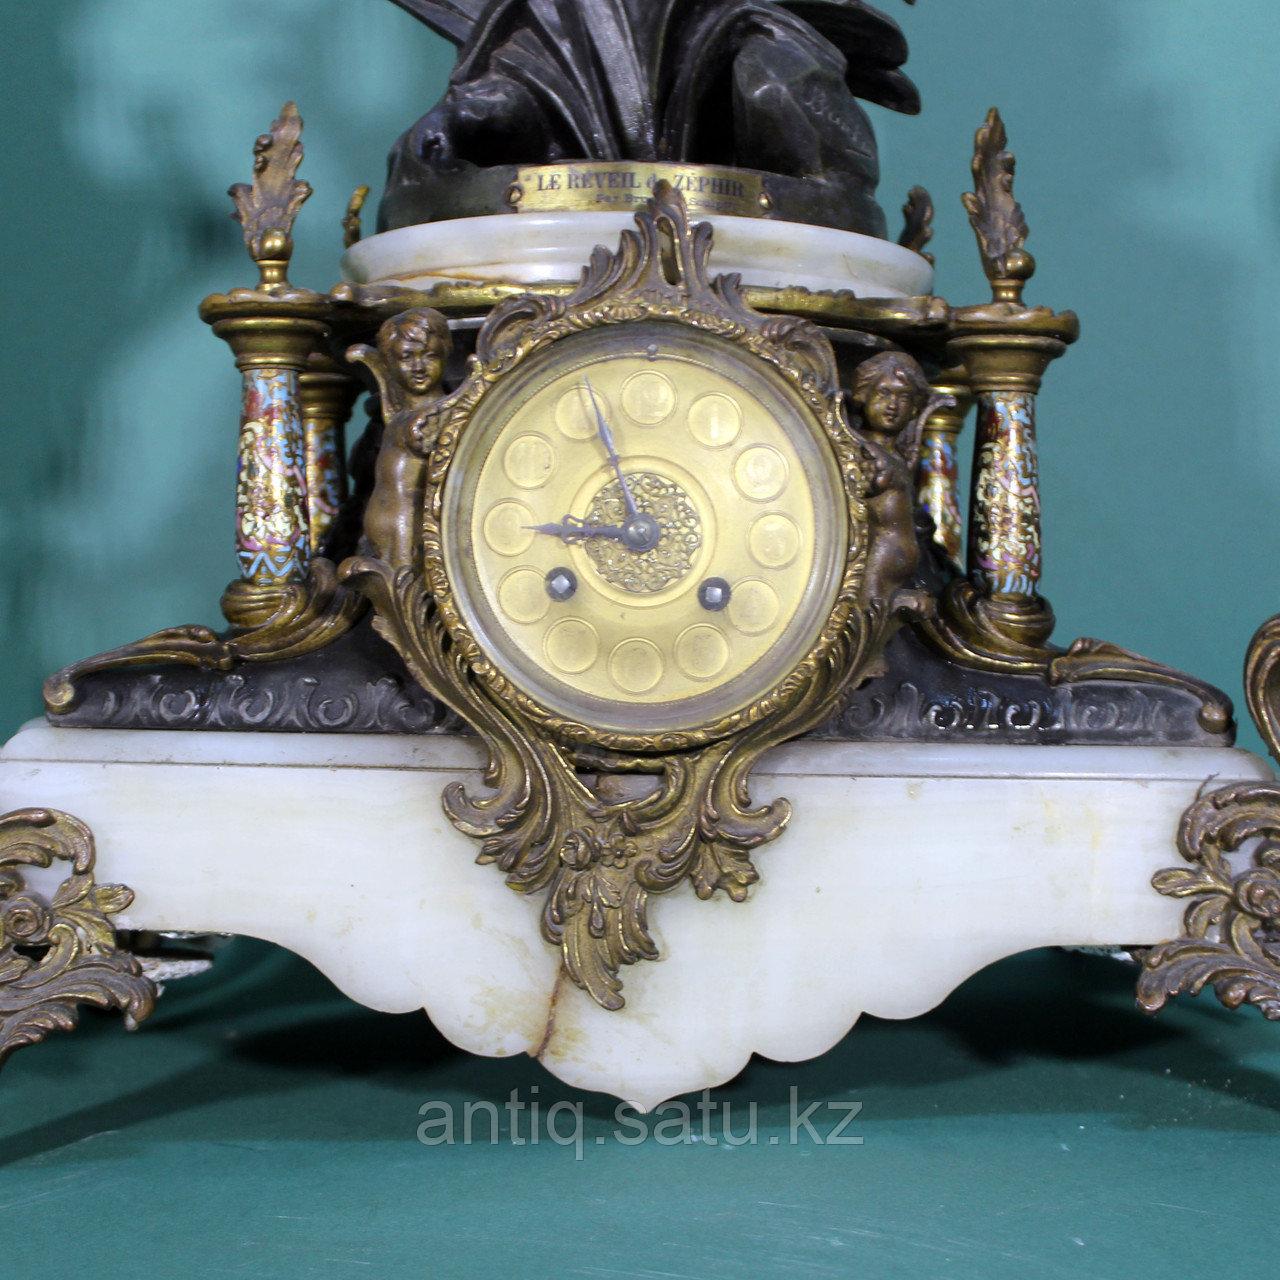 Каминные часы в стиле Историзм Часовая мастерская S. Marti Скульптор Emile Bruchon (1806-1895) - фото 2